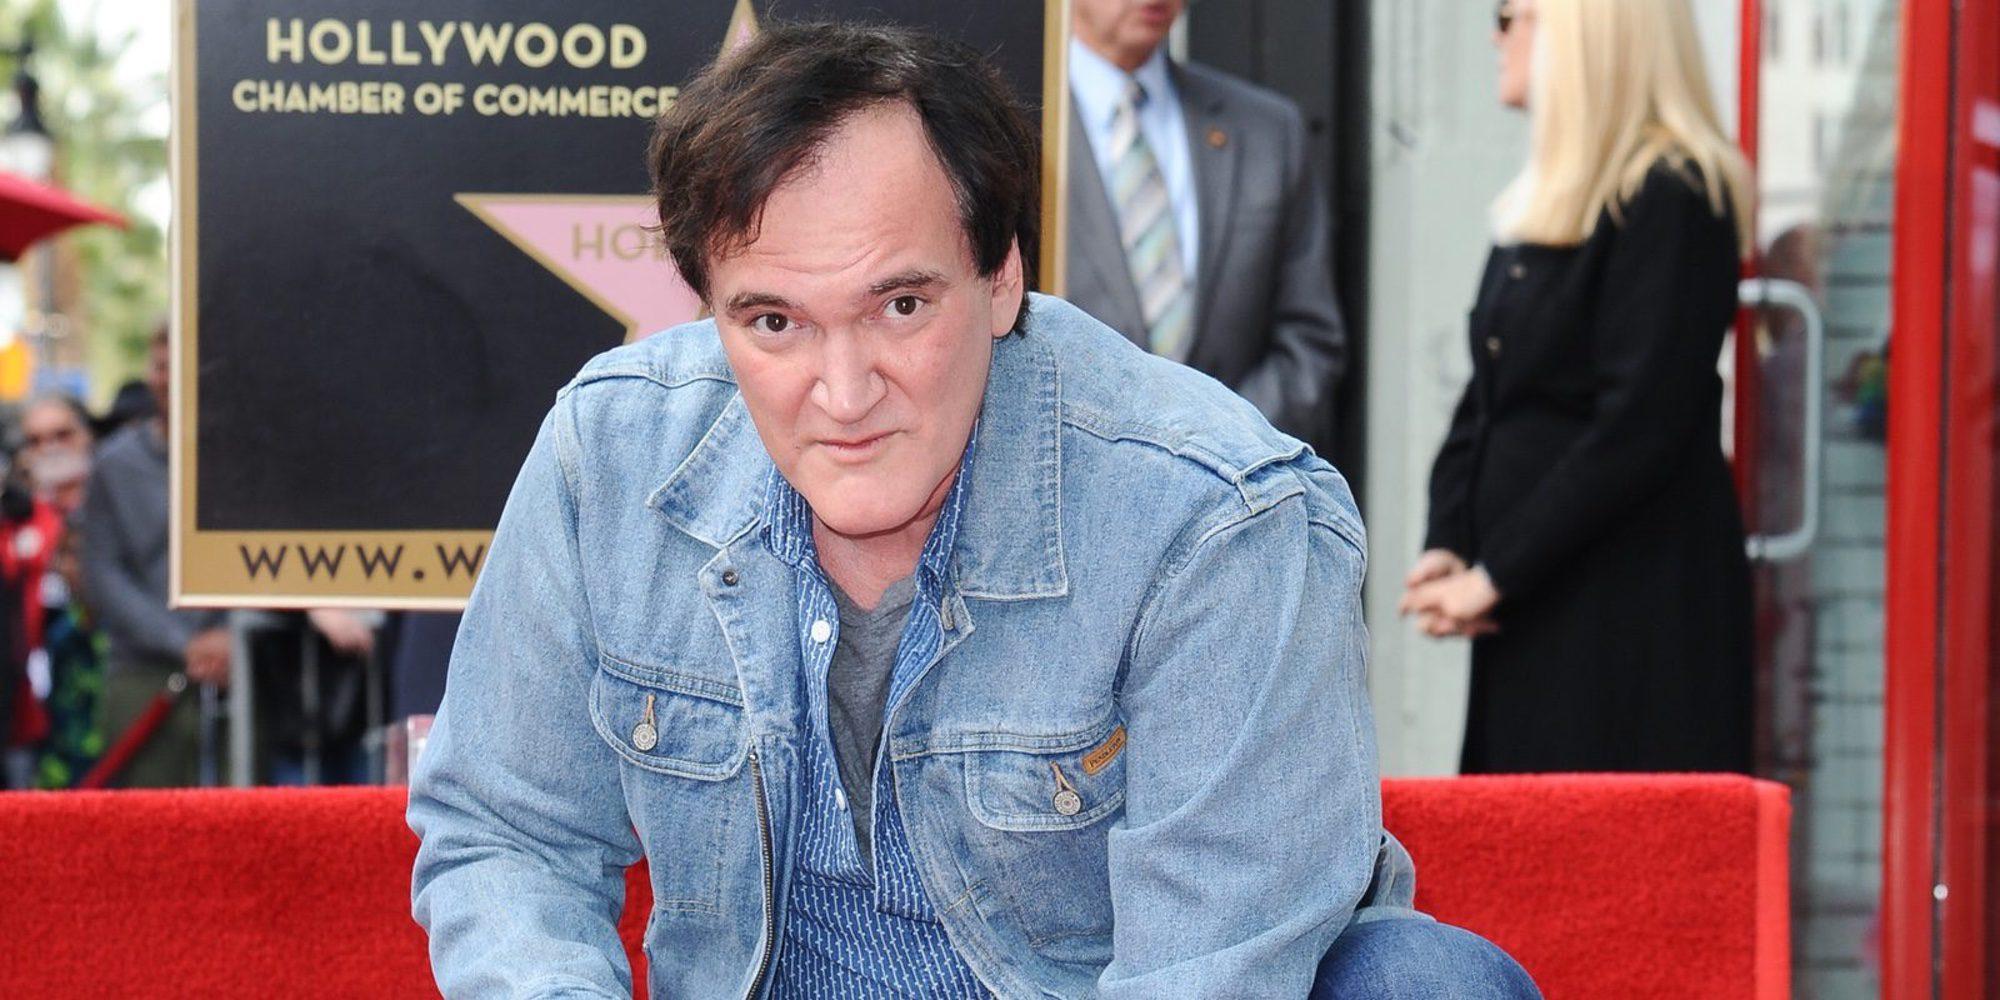 """Quentin Tarantino conocía los abusos sexuales de Harvey Weinstein: """"Debería haber hecho más de lo que hice"""""""